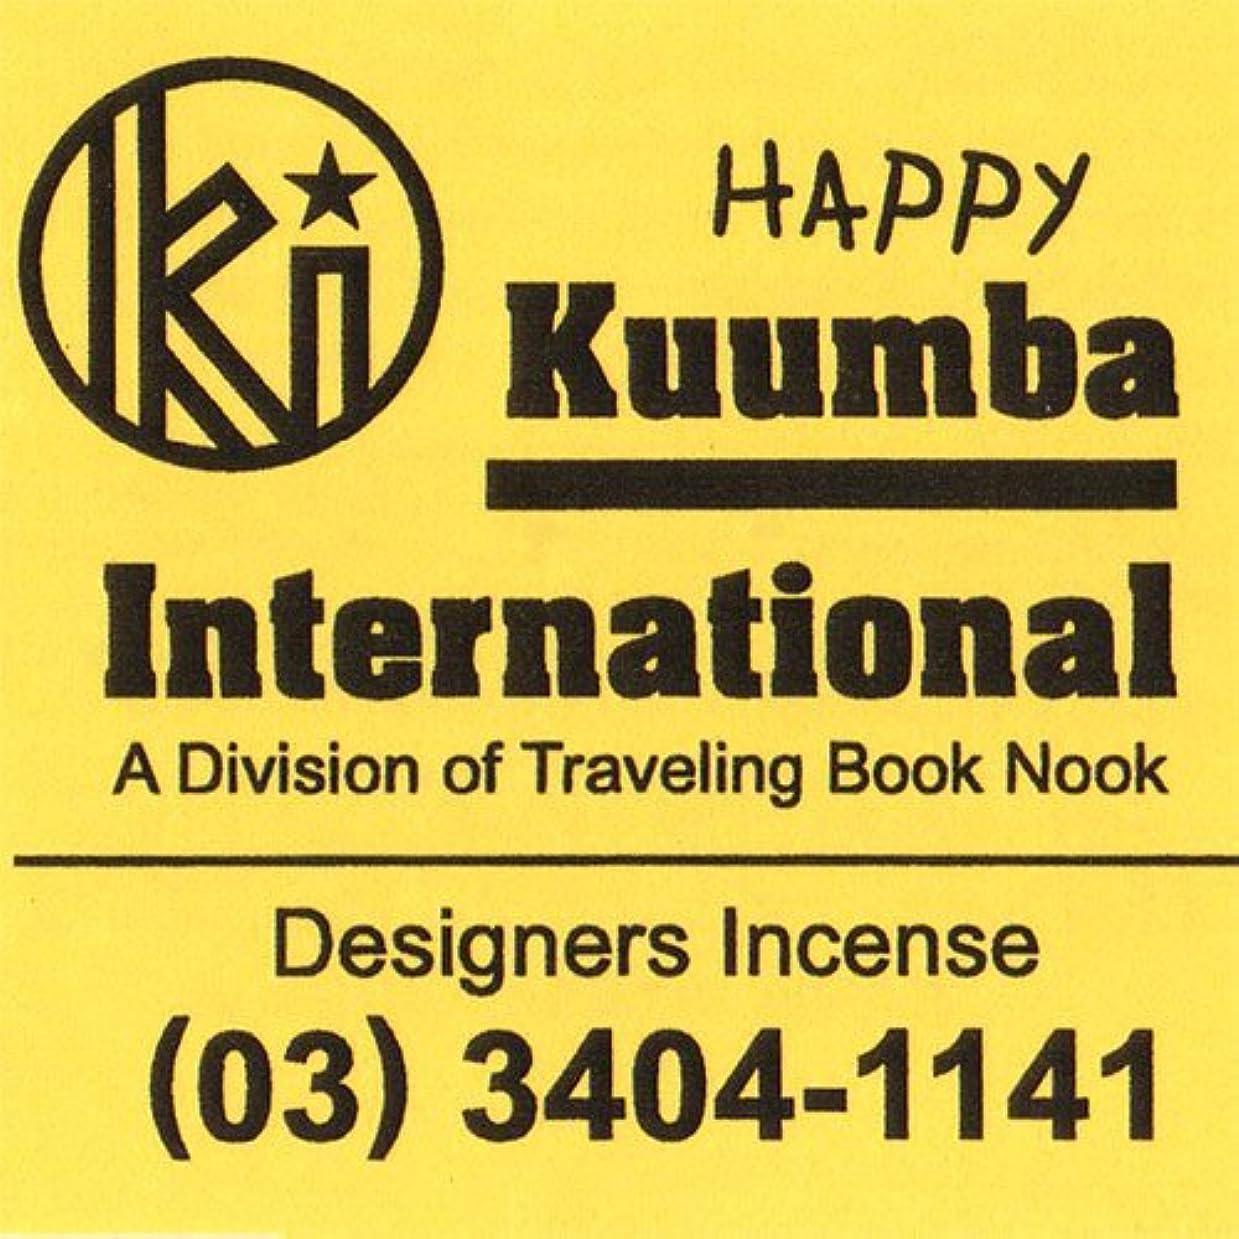 バインドアクセサリー武装解除(クンバ) KUUMBA『incense』(HAPPY) (Regular size)